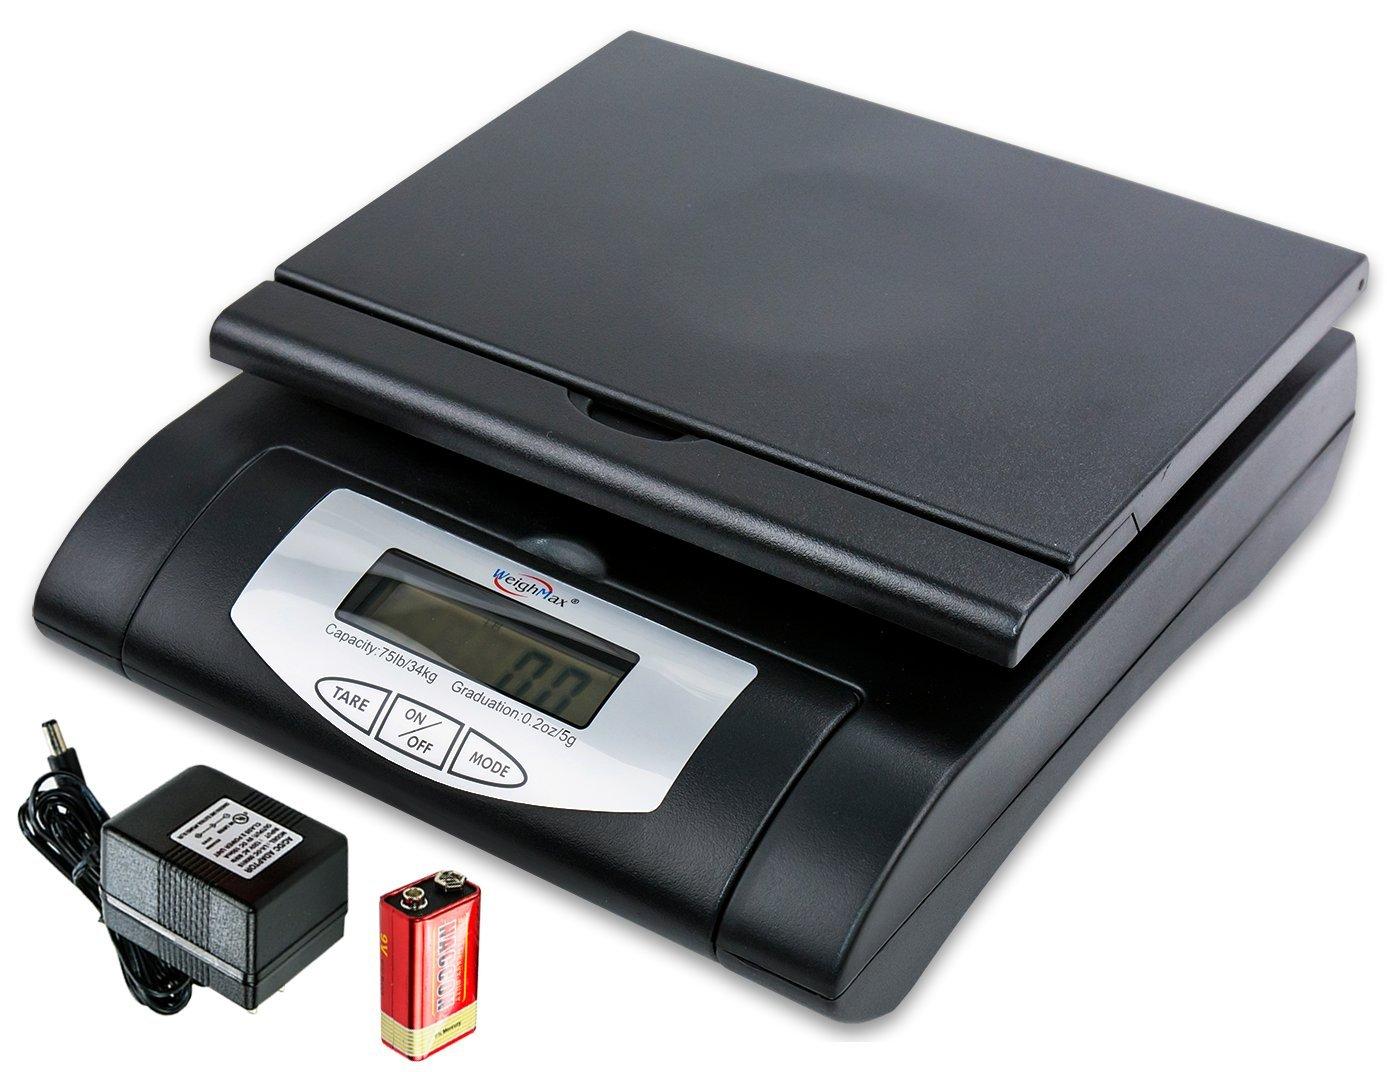 Weighmax BF440 Modern Tempered Glass Digital Bathroom Body Fat Scale, 440 lb W-4819-75 BLACK